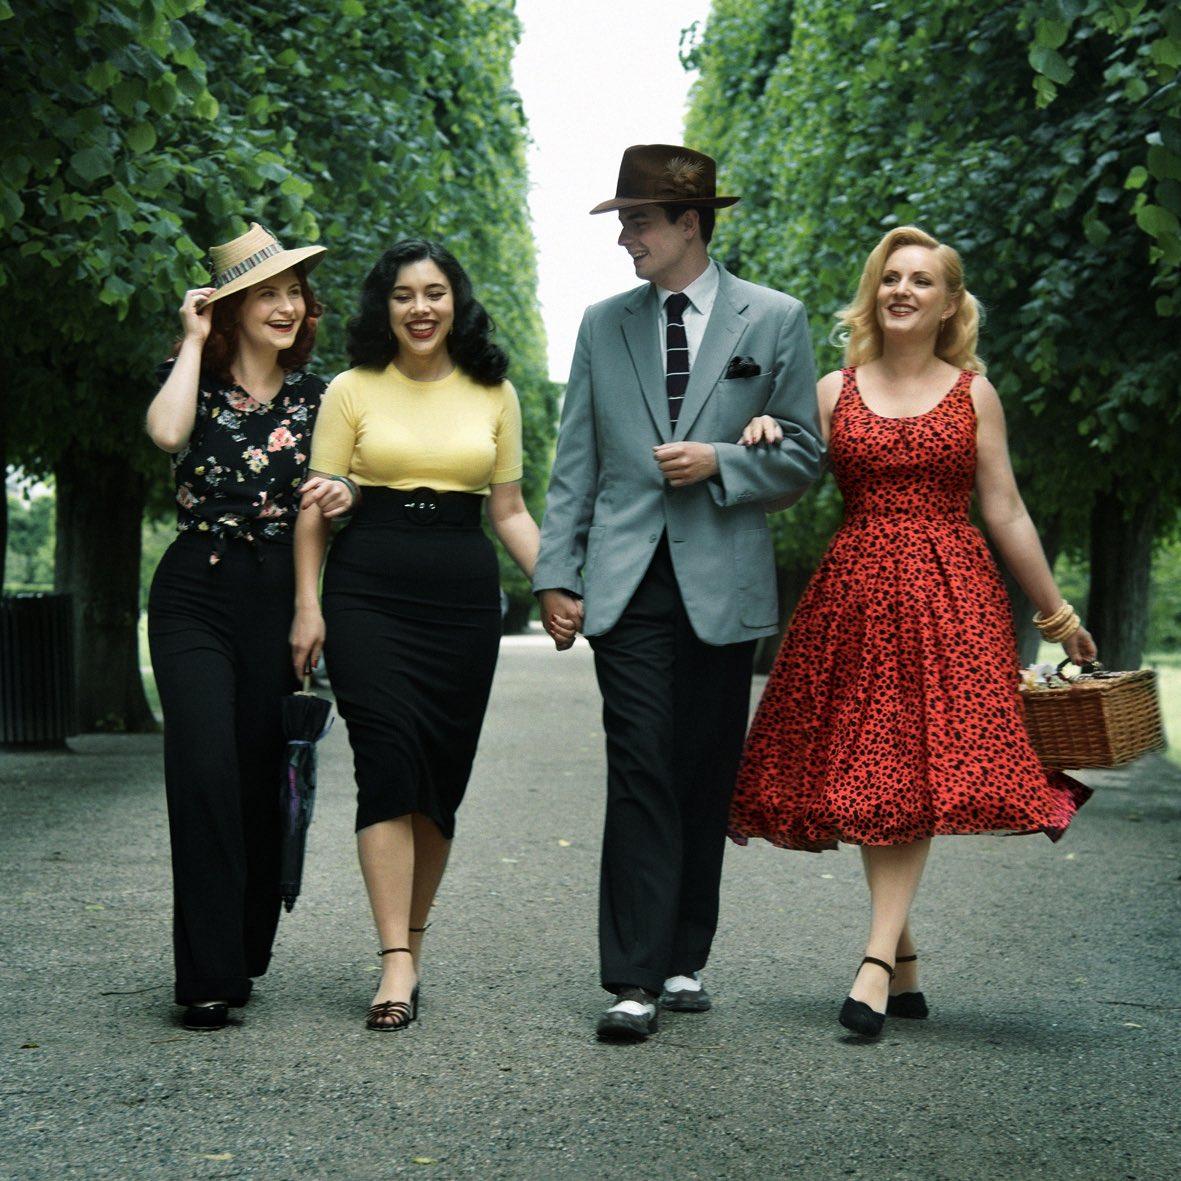 The House Of Foxy er et engelsk brand der laver tøj i 1940er og 1950er stil